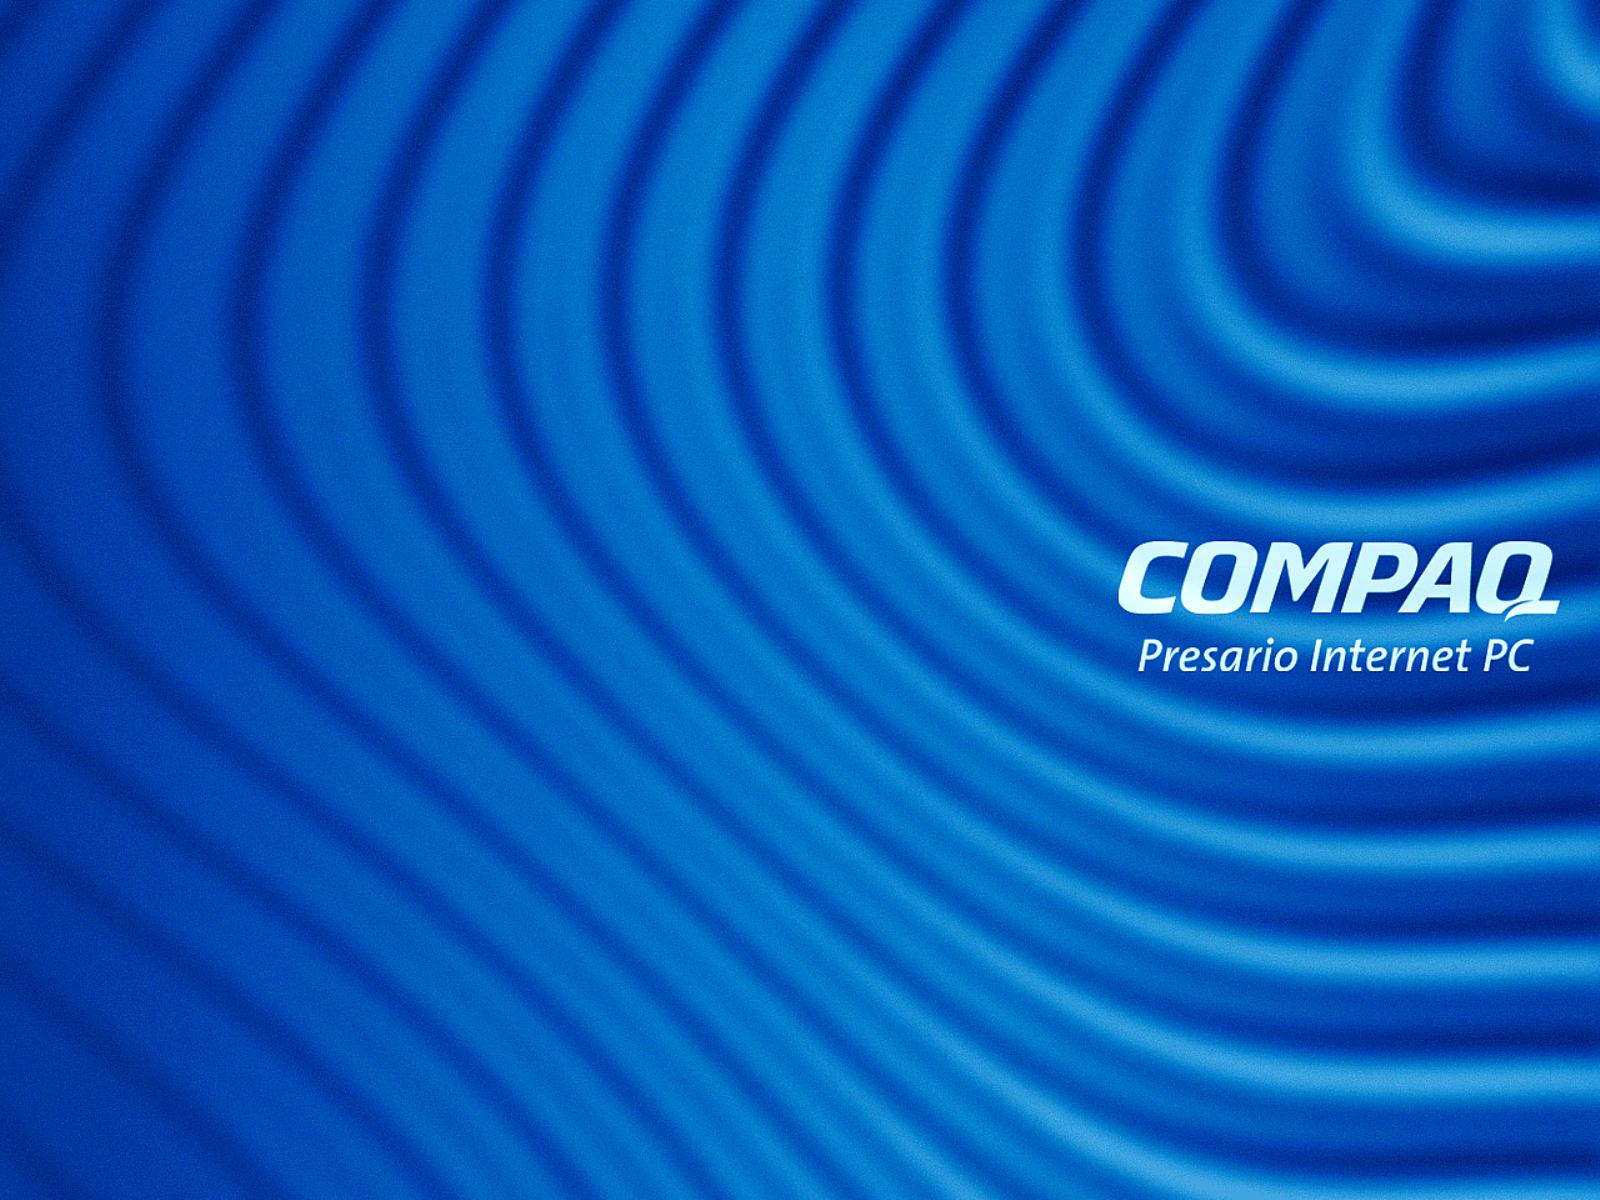 1600x1200 Compaq Presario 1 desktop PC and Mac wallpaper 1600x1200